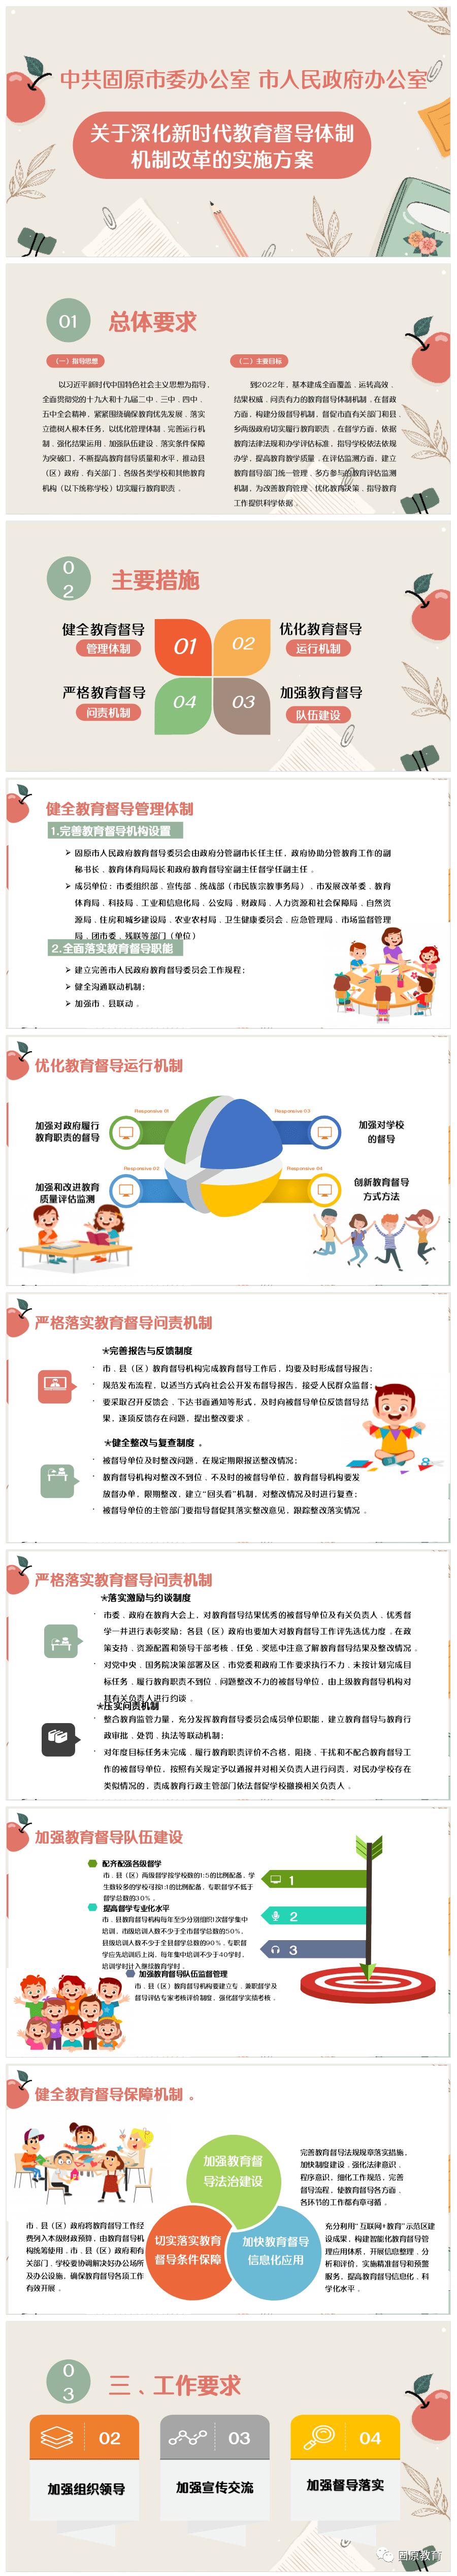 近日中共固原市委办公室 市人民政府办公室 印发了《关于深化新时代教育督导体制机制 改革的实施方案》的通知(附政策解读)